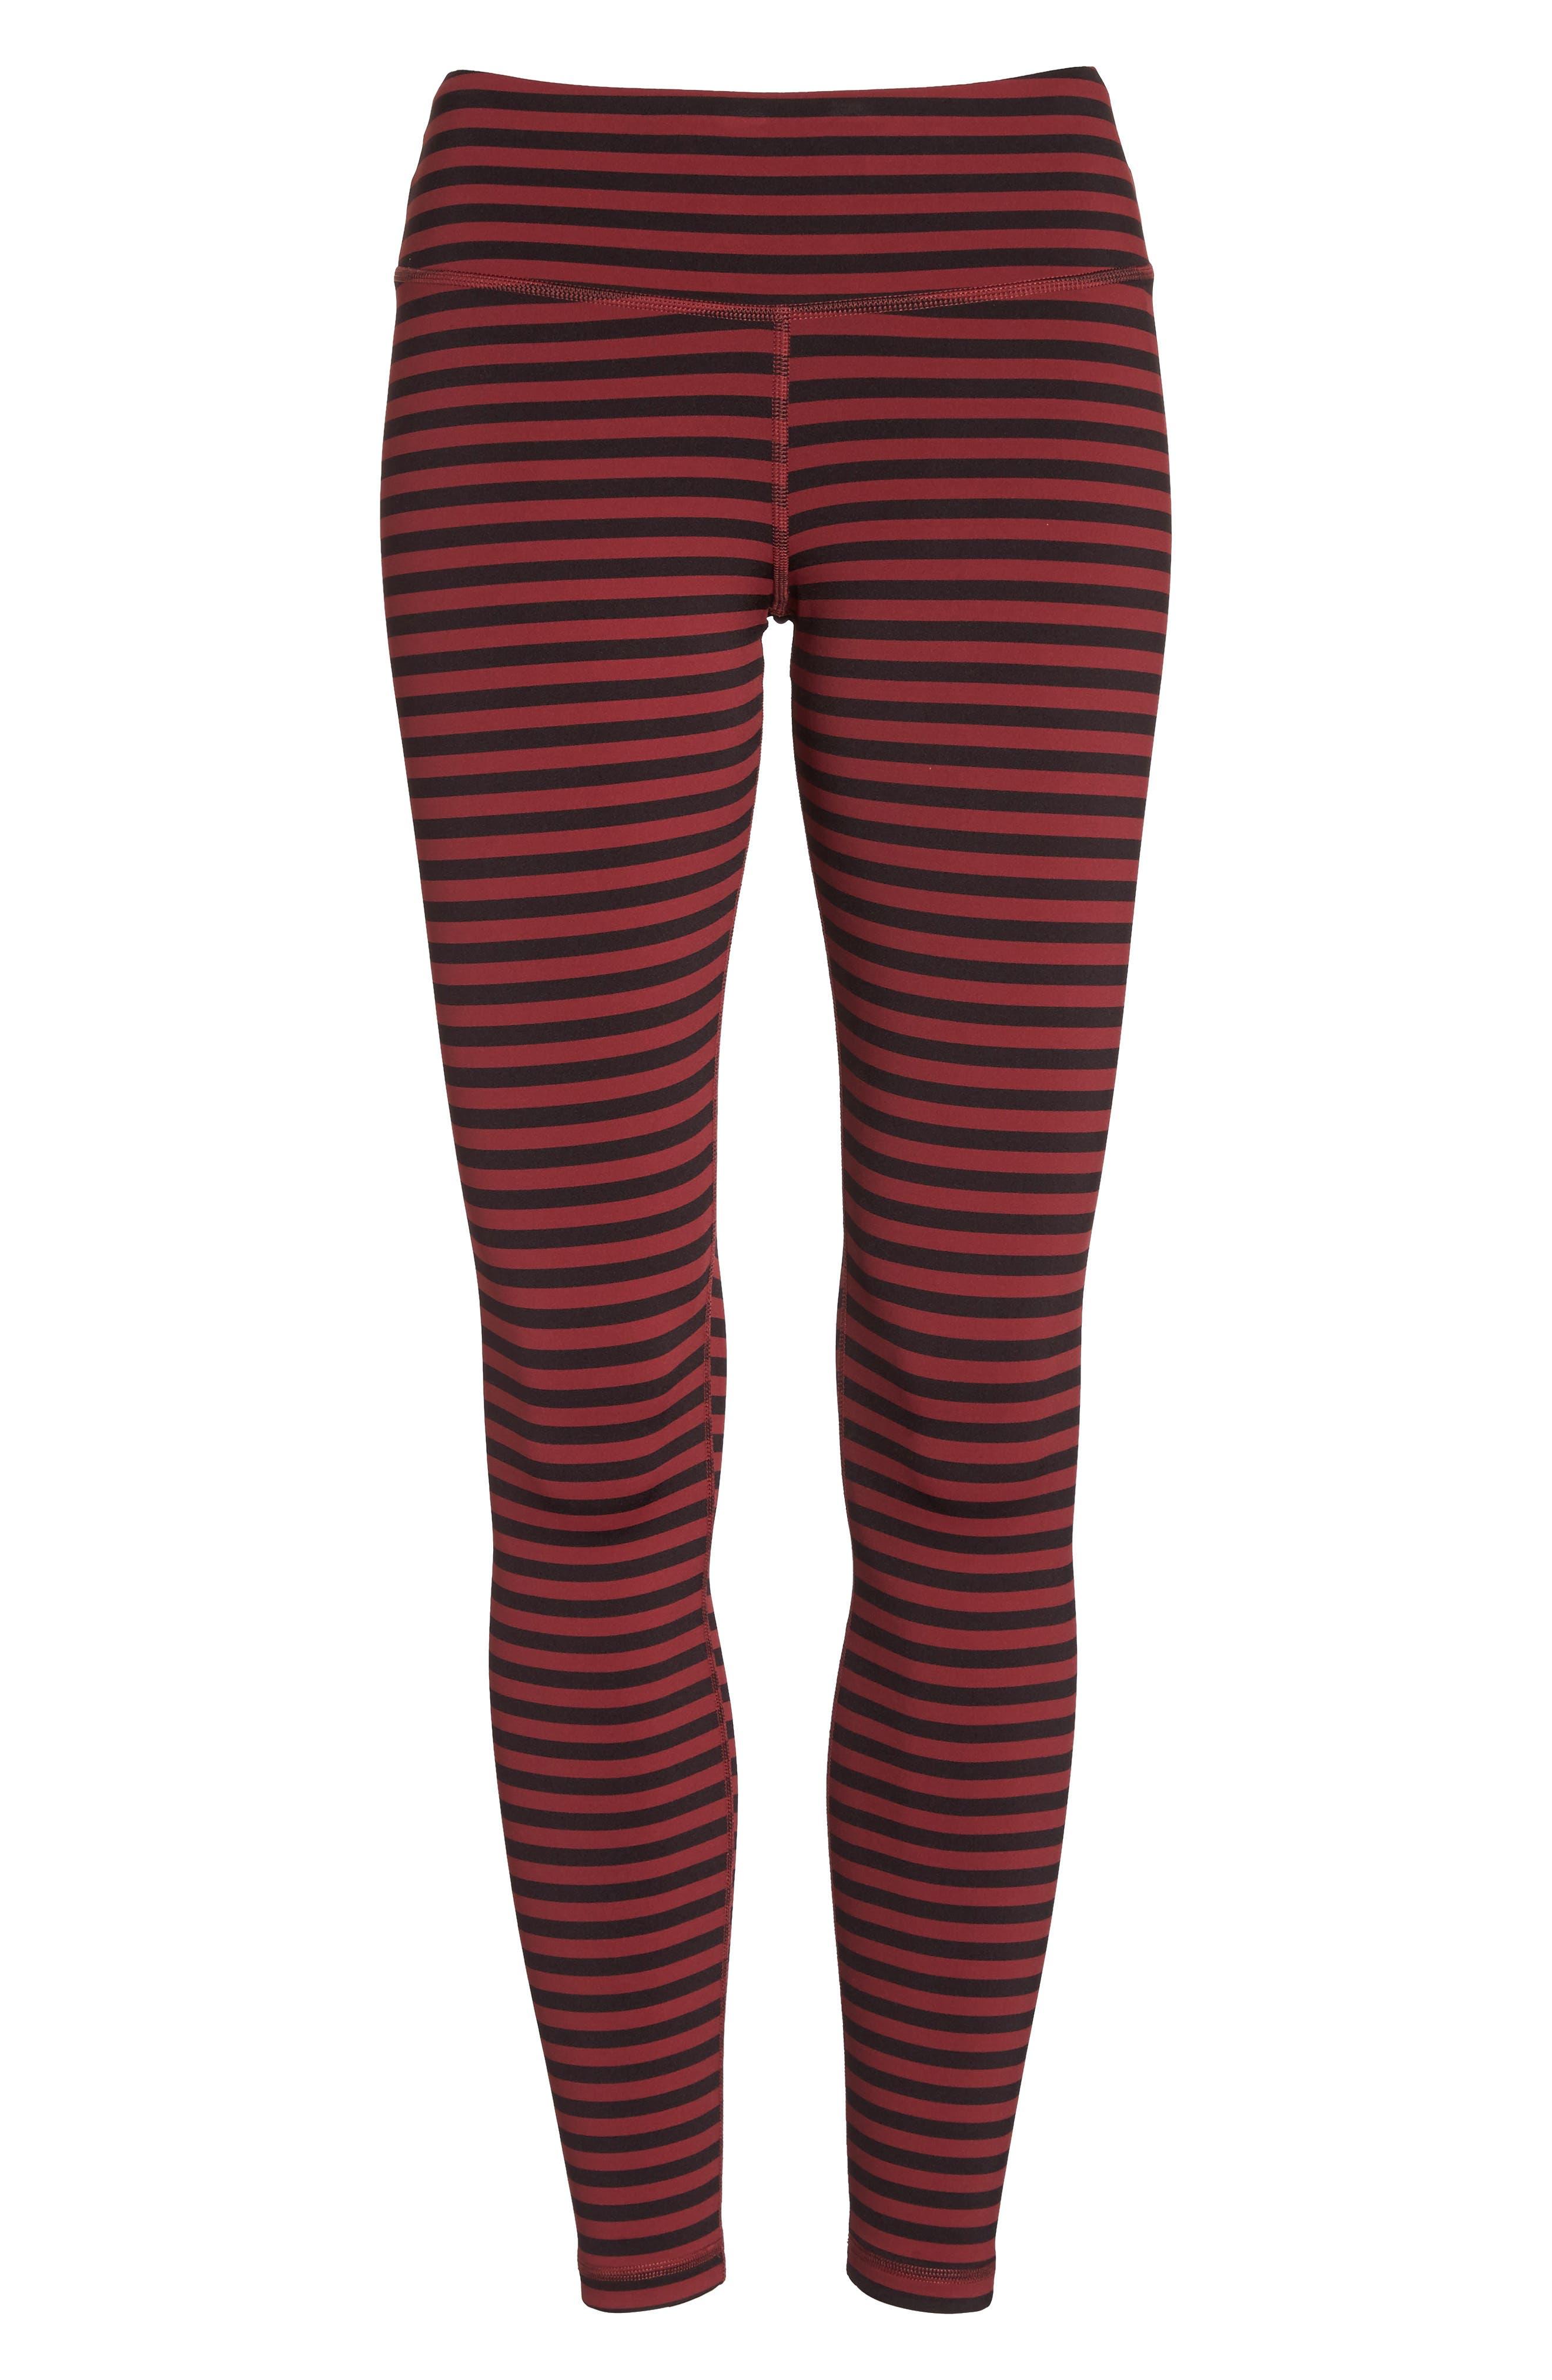 Stripe 7/8 Leggings,                             Alternate thumbnail 7, color,                             601